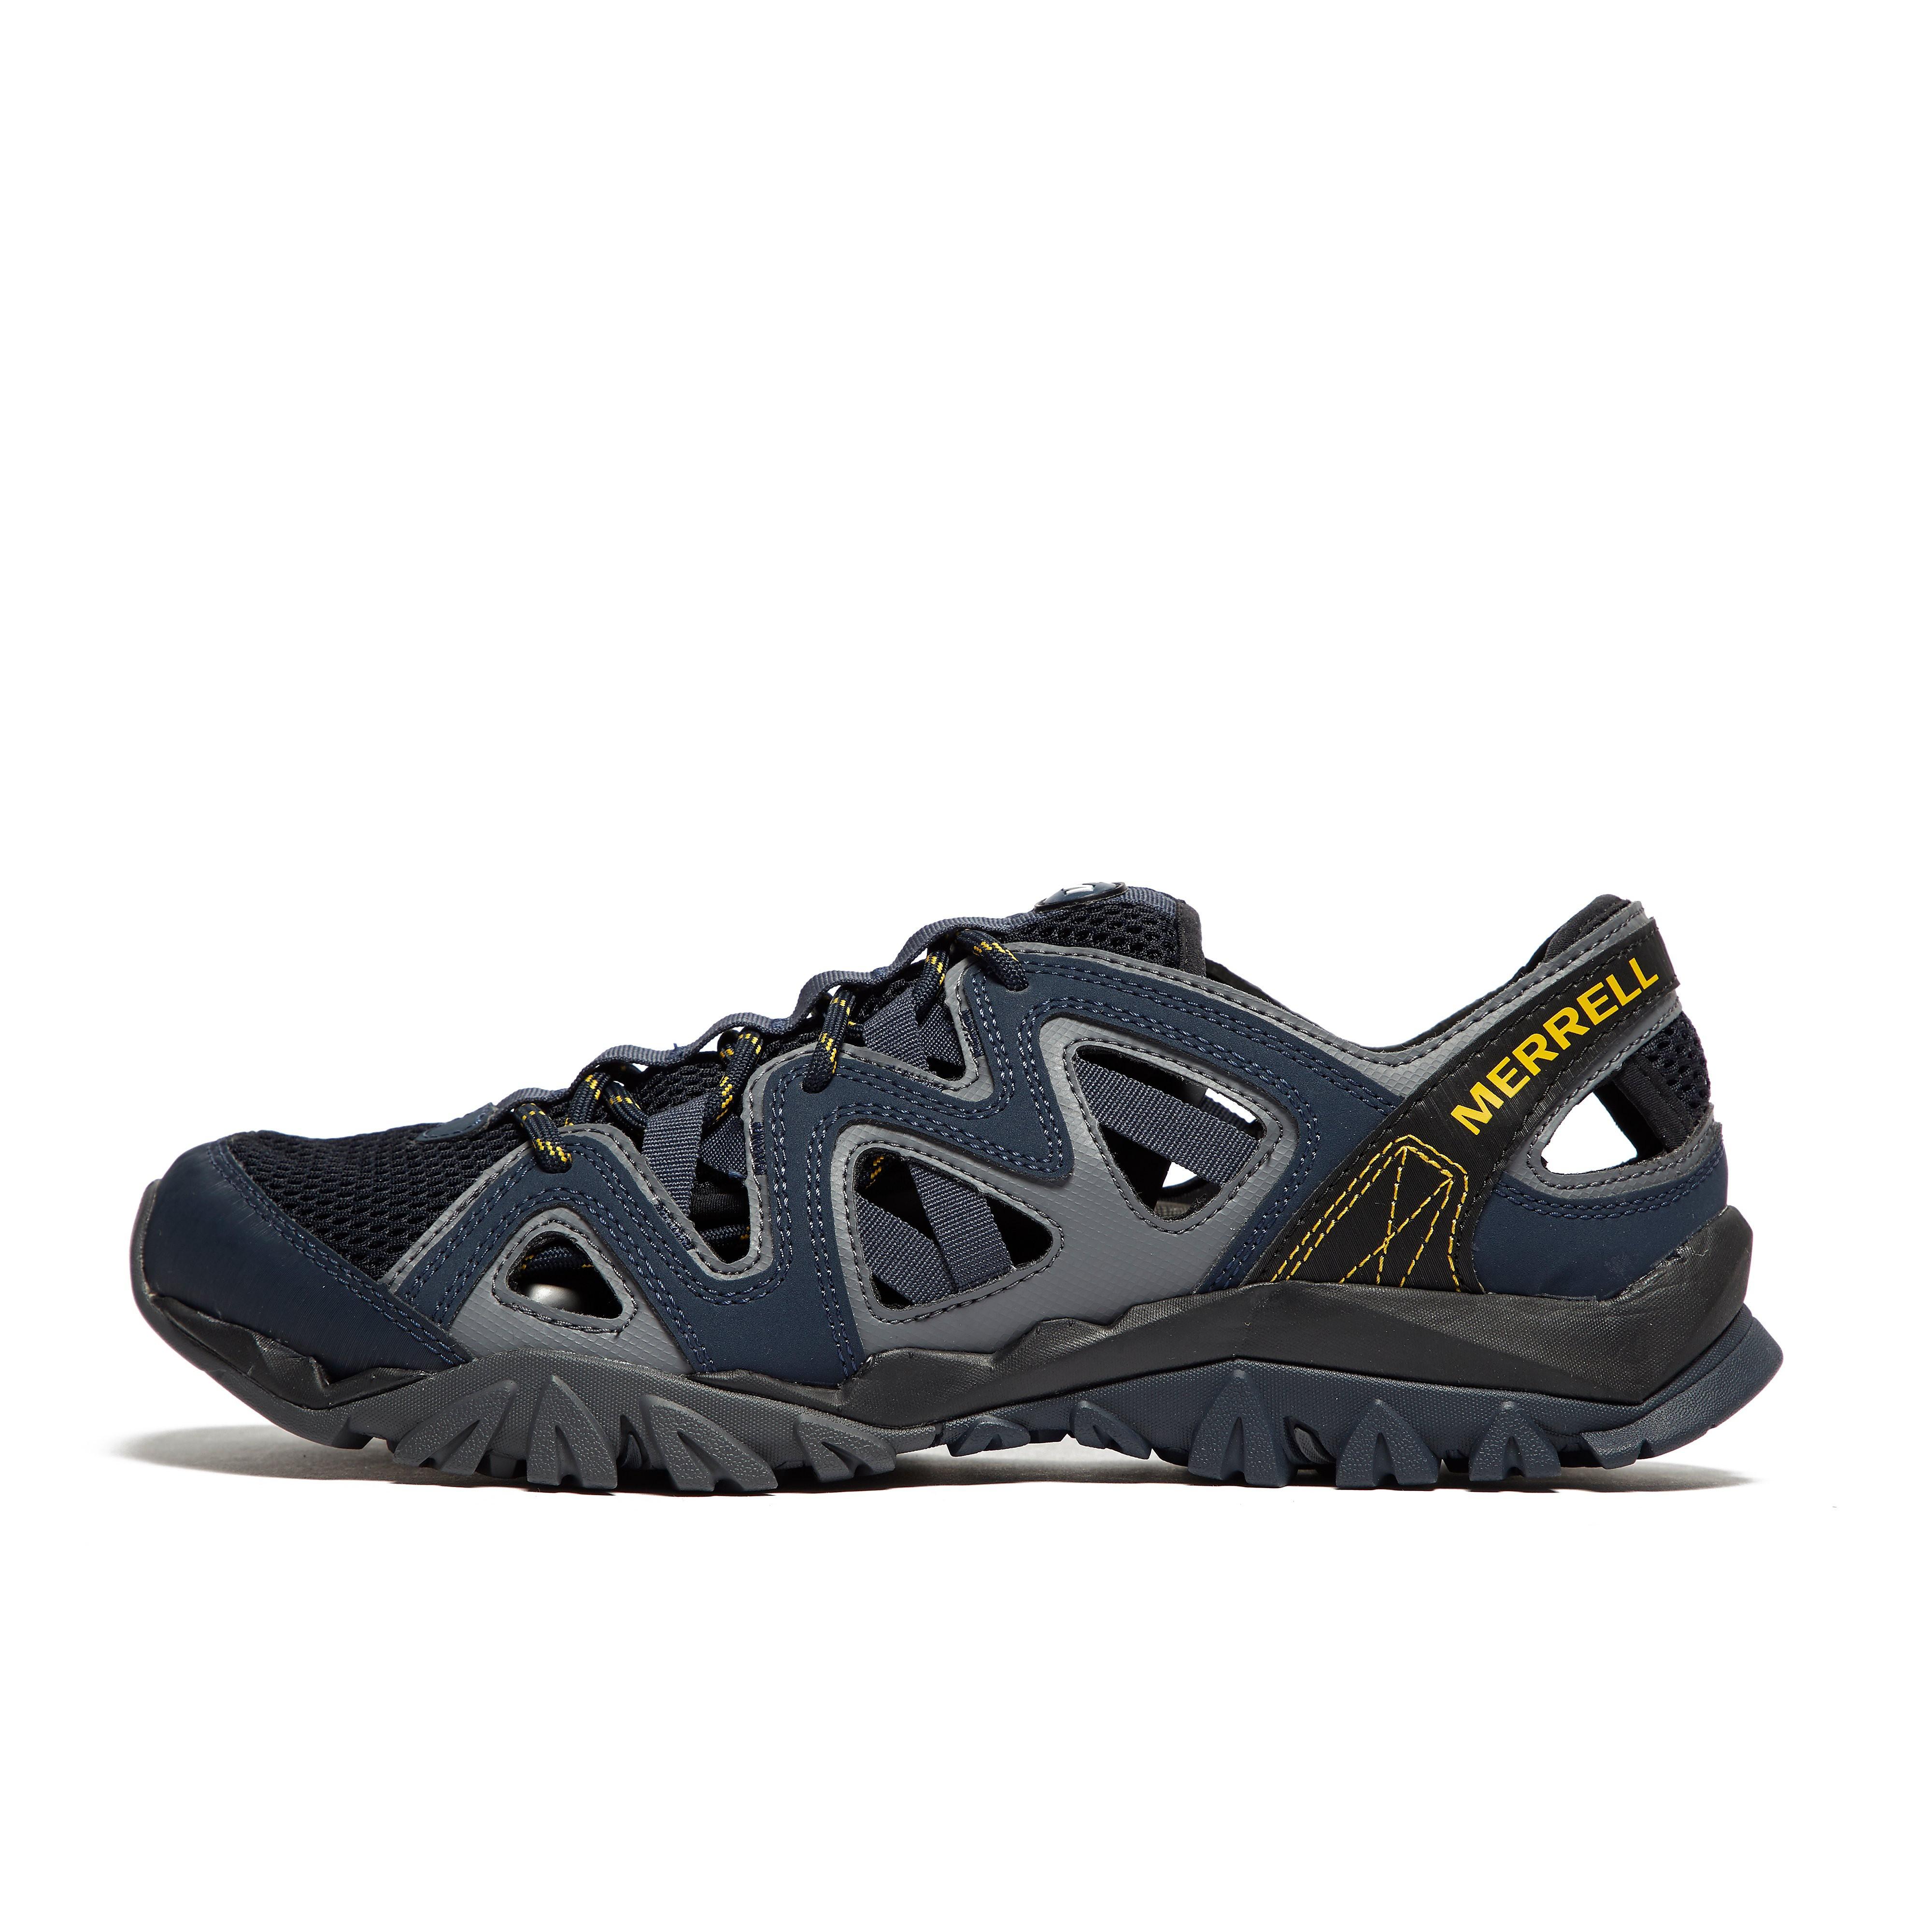 Merrell Tetrex Crest Wrap Men's Water Sandals